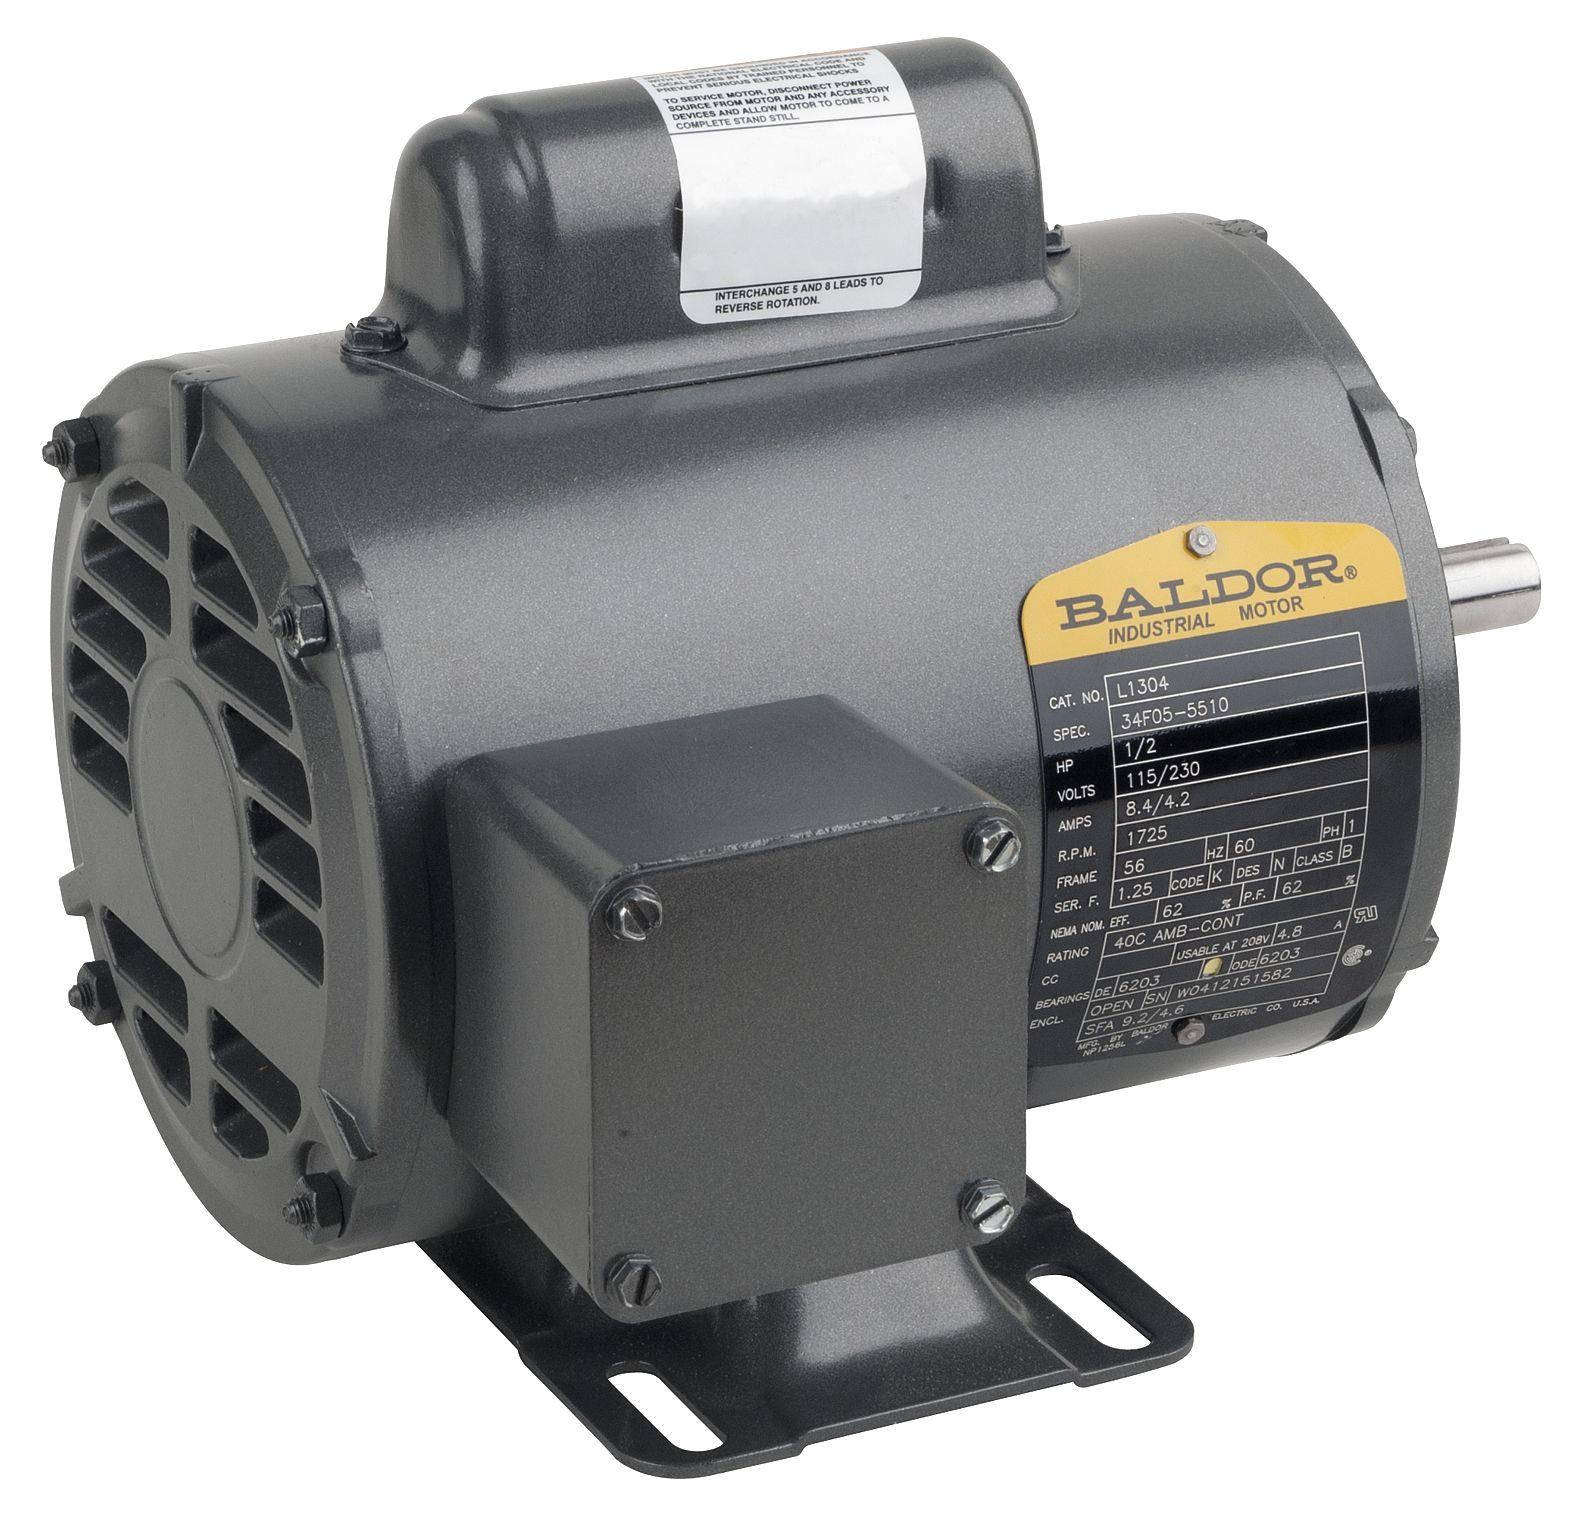 L1405T Baldor - Motors and Drives - Distributors and Price ...